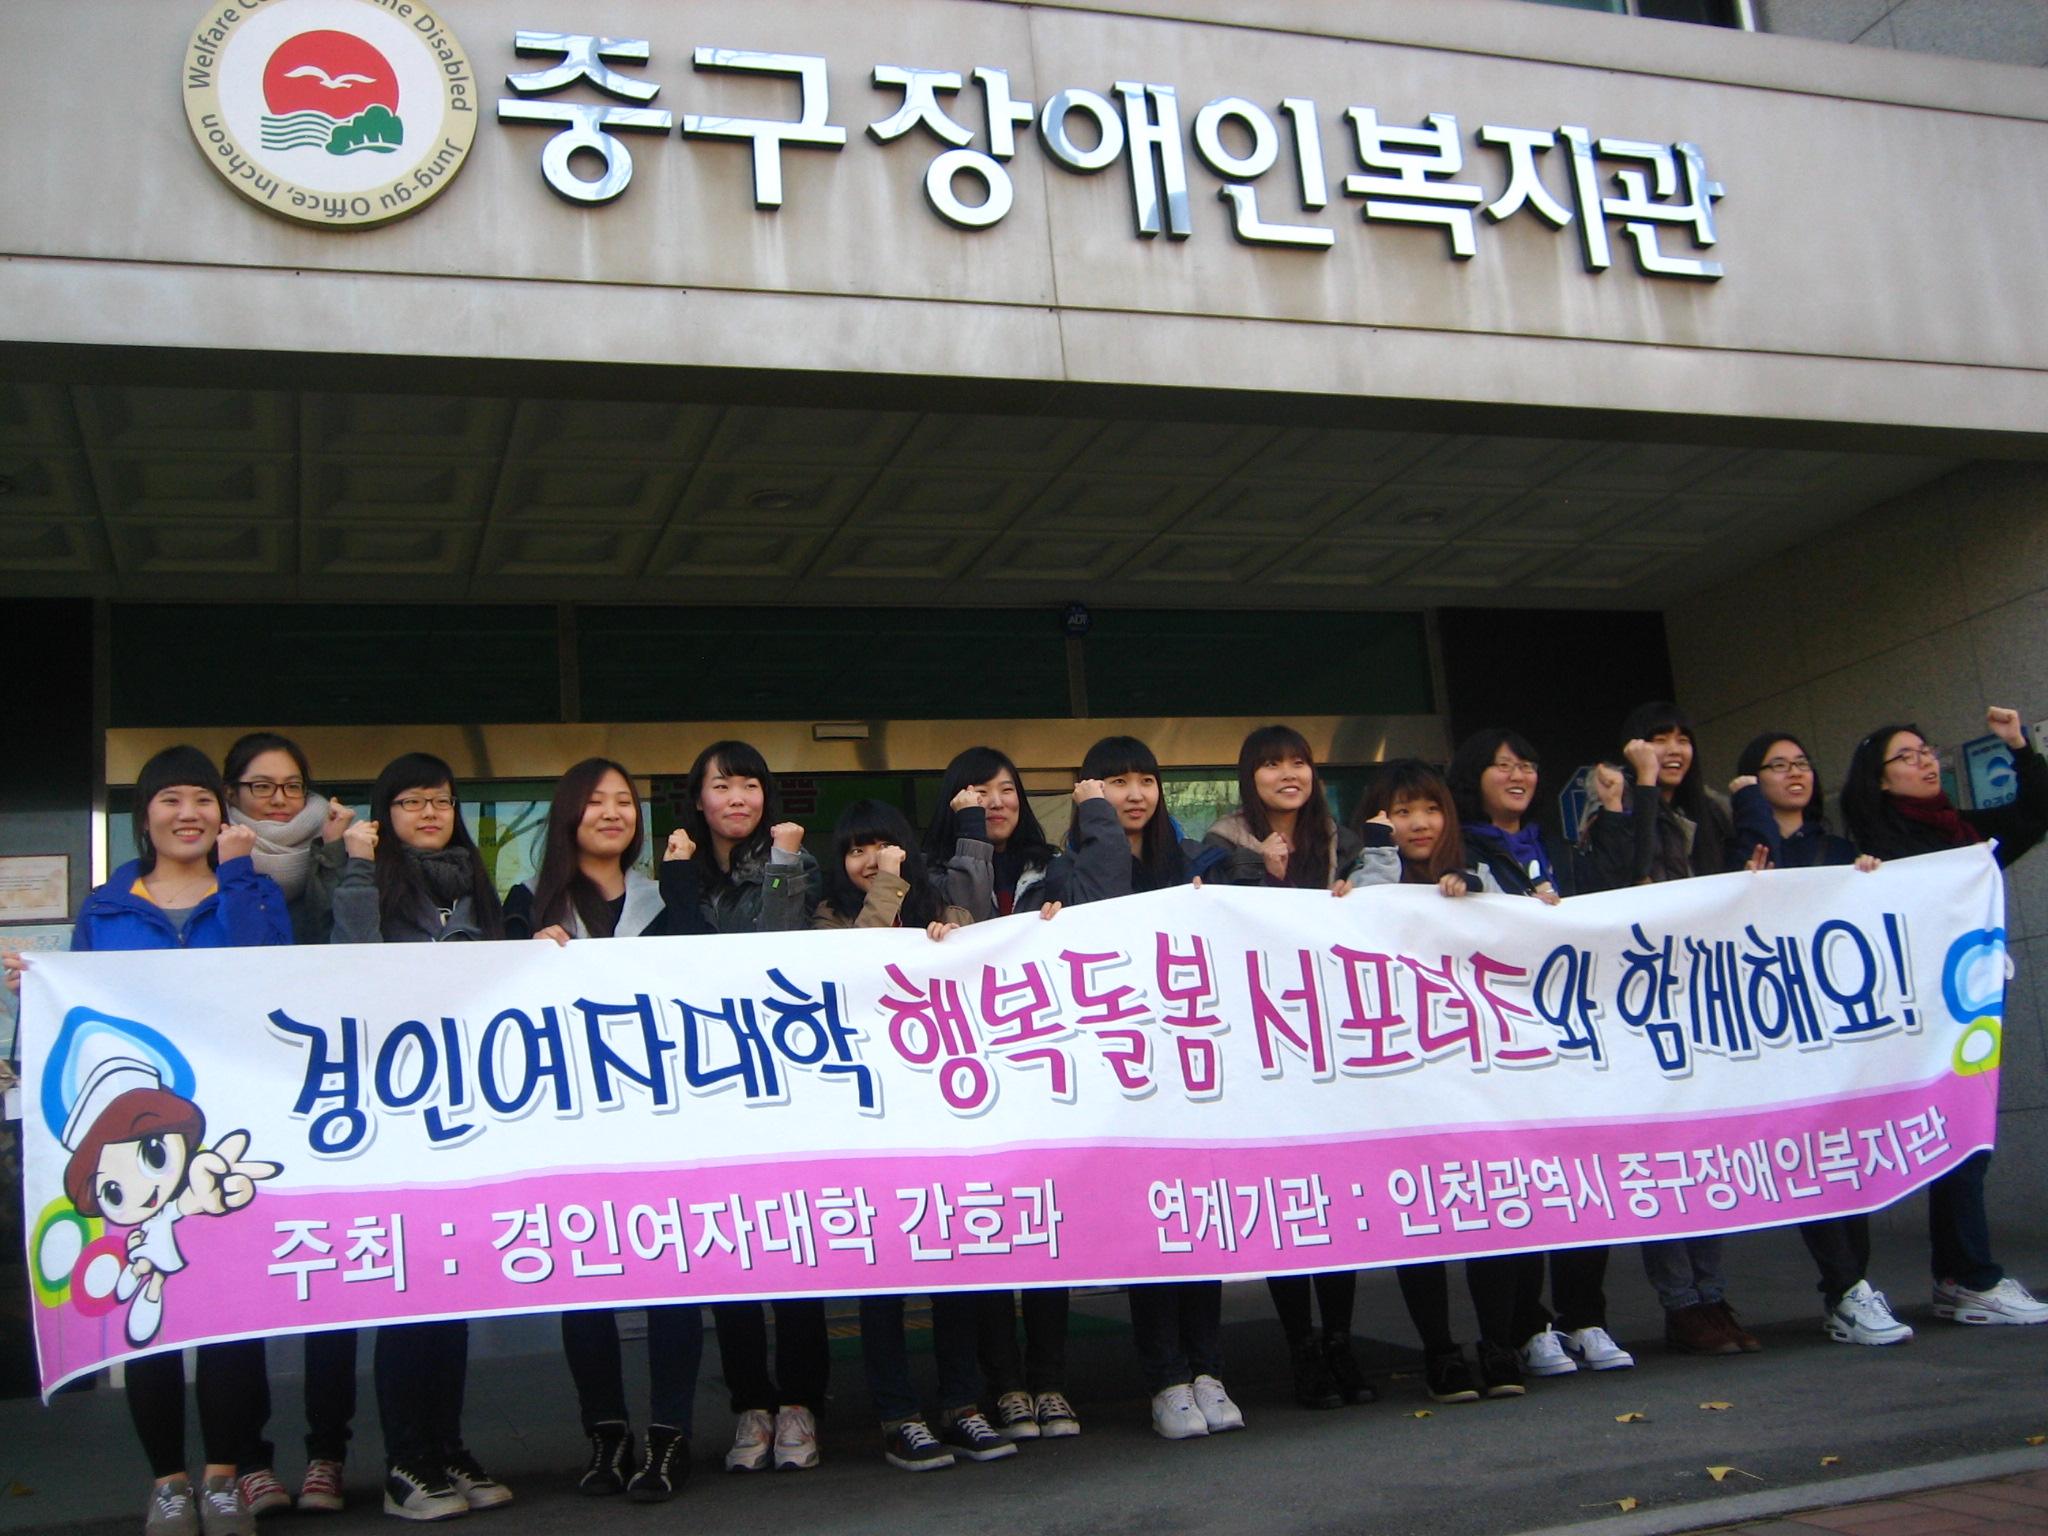 경인여대 봉사단 학생과 함께하는 자원봉사자교육, 장애인식개선교육